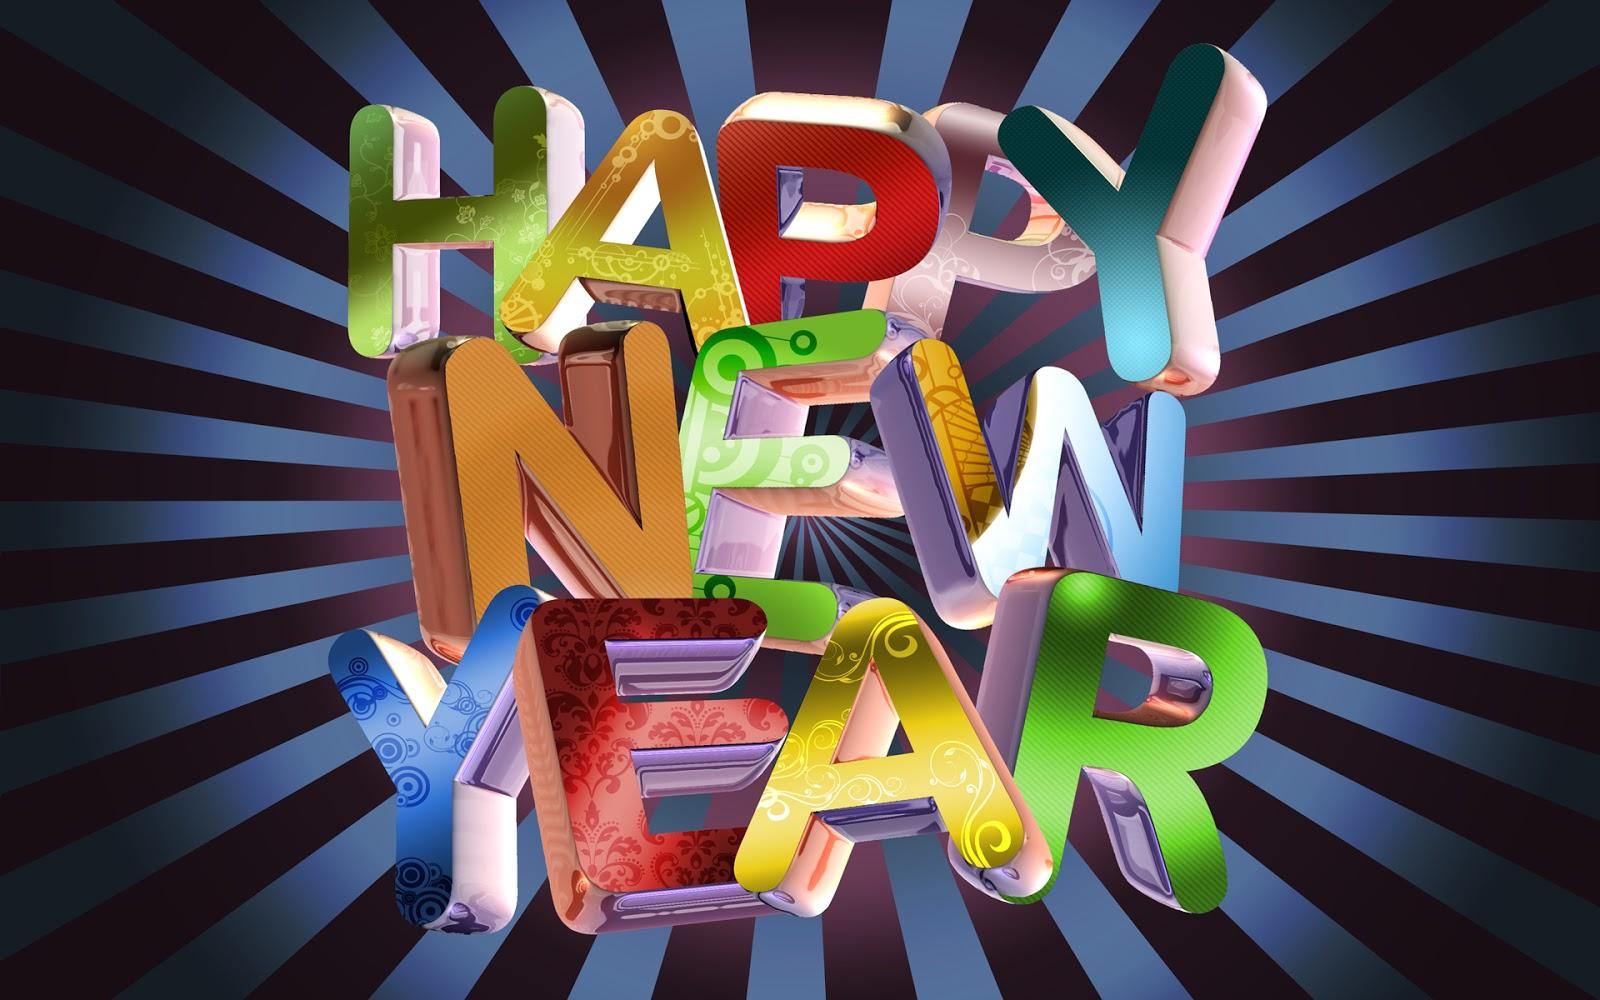 http://3.bp.blogspot.com/-uN05hYWLdBc/UN76znZOujI/AAAAAAAAEB0/cfy6KbuzJ5U/s1600/new-year-wallpaper-3.jpg